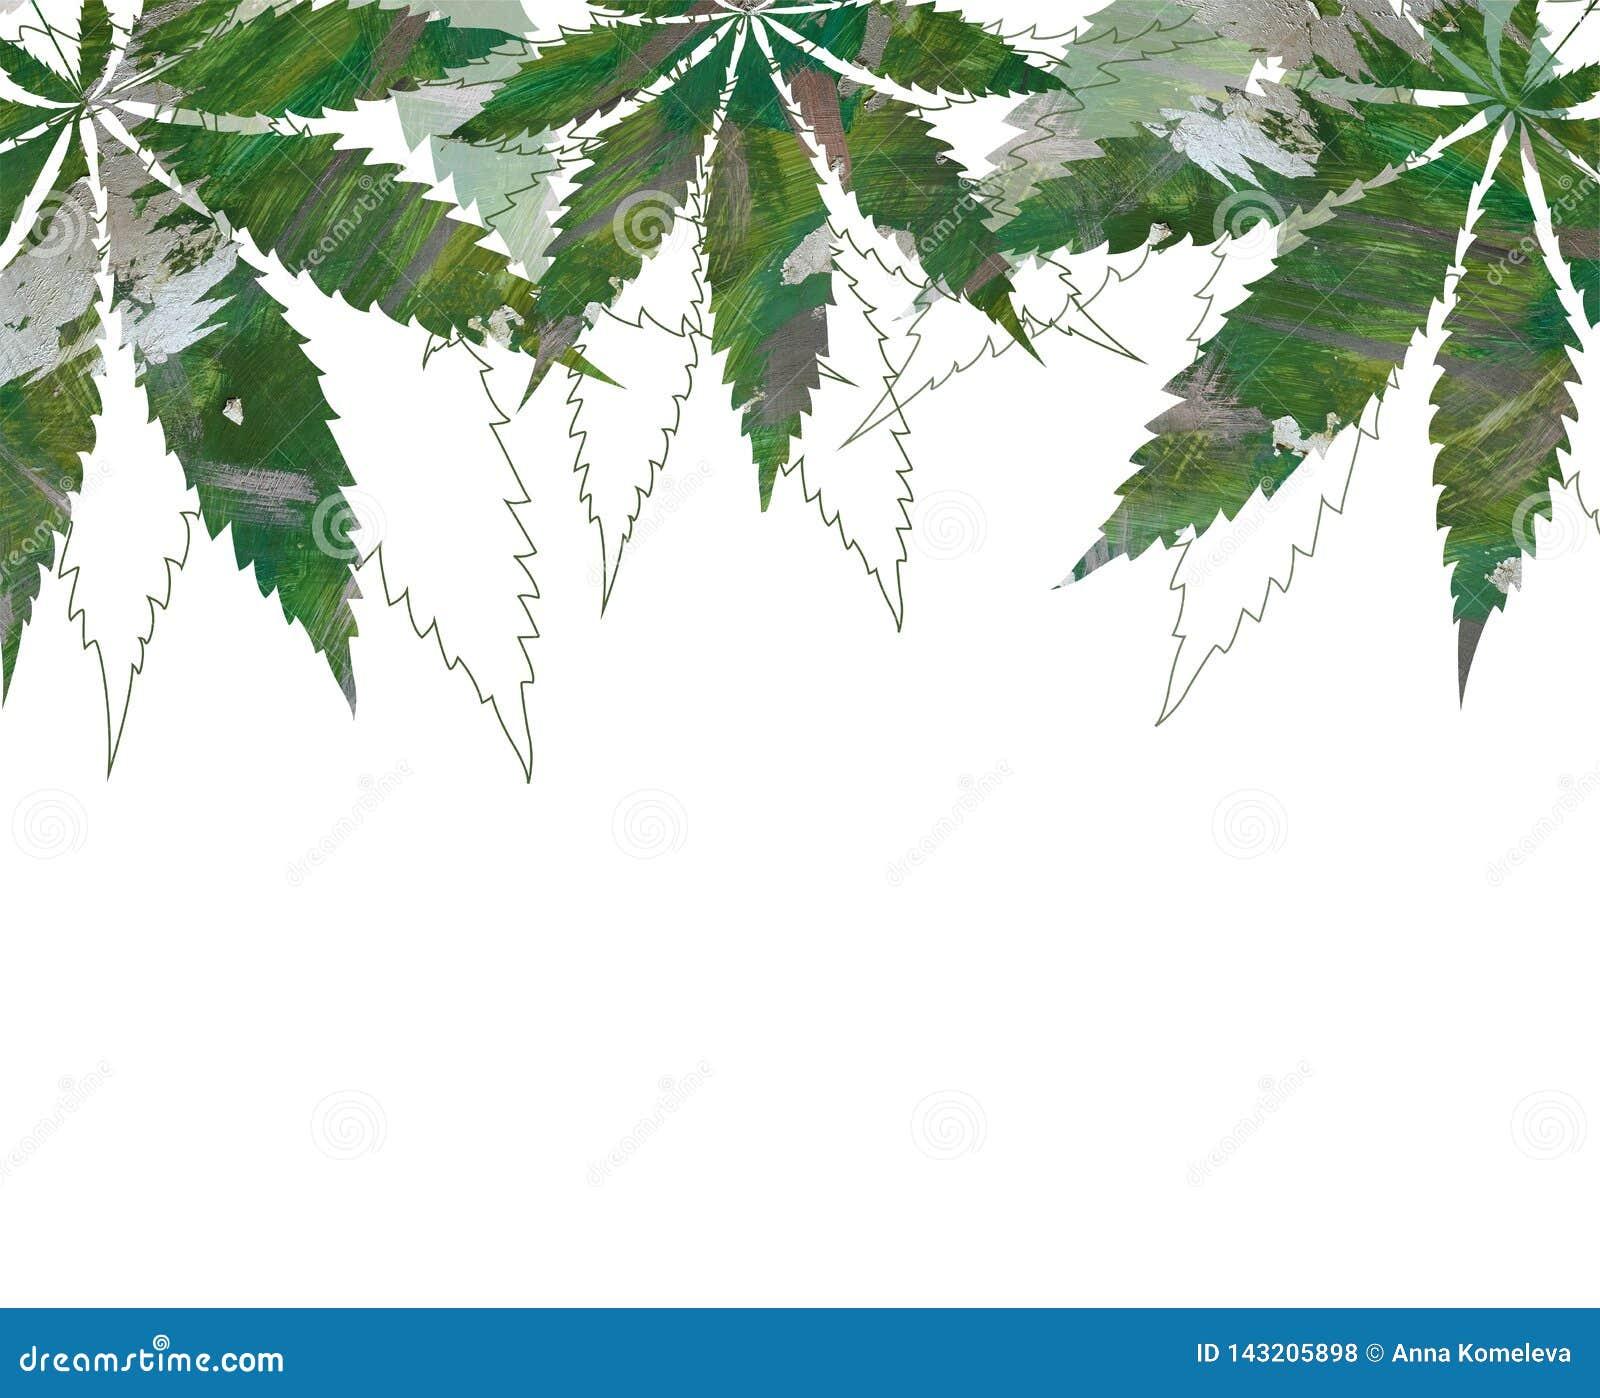 Karte, Schablone, Fahnenhandzeichnung von Blättern des Hanfhanfs